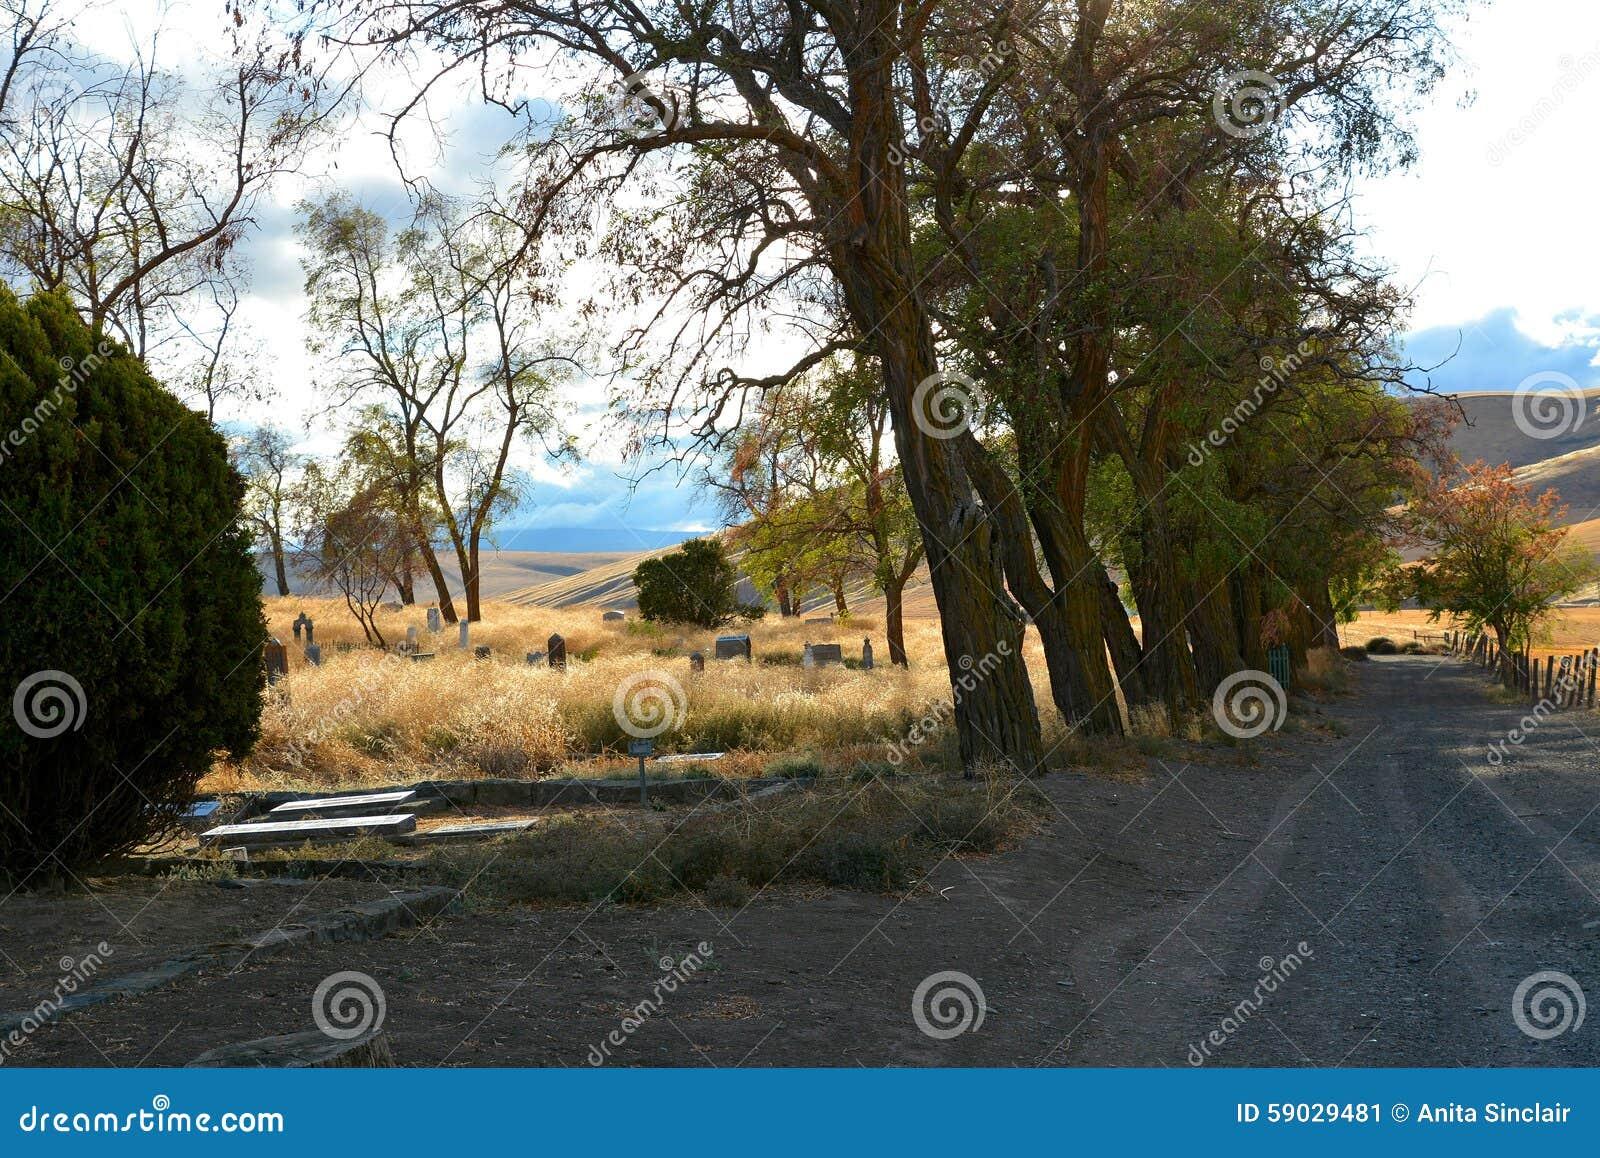 Кладбище малой страны устроенное удобно среди деревьев